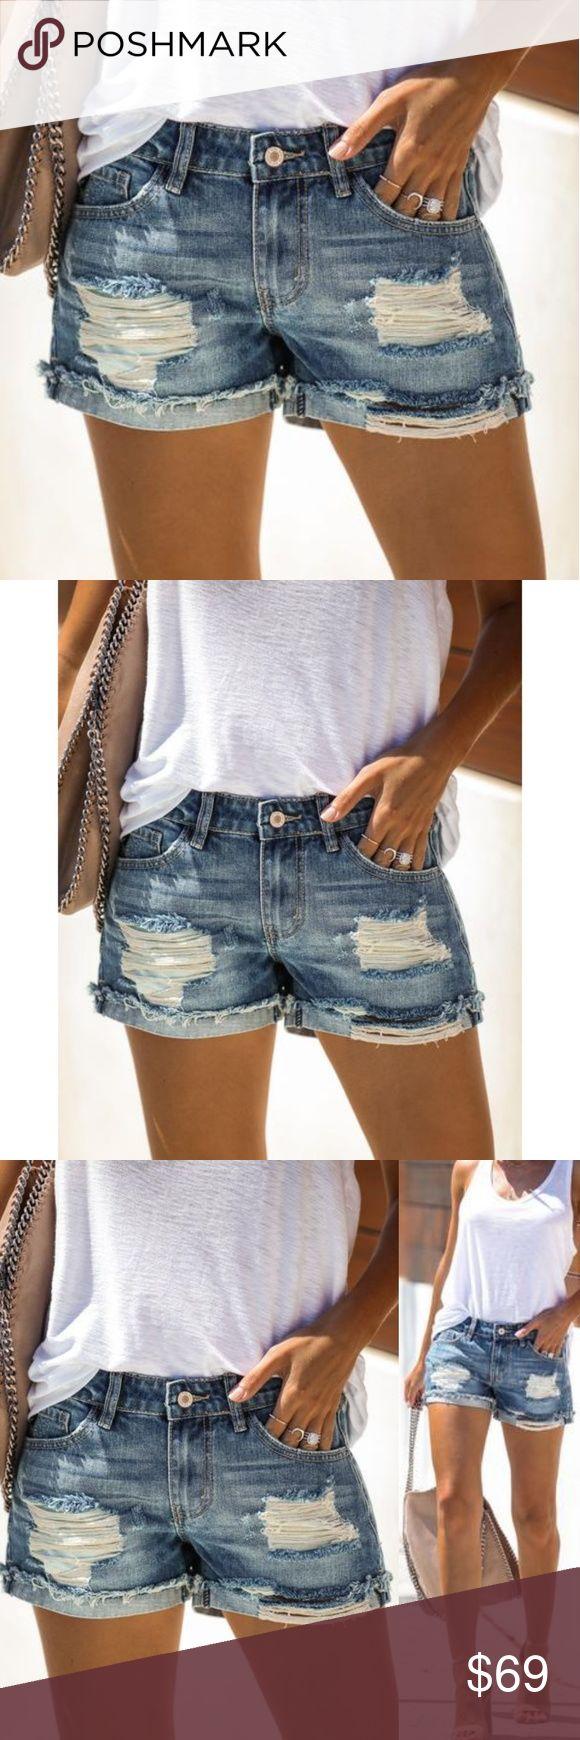 Distressed Denim Shorts mit Cutoff-Bündchen Distressed Denim Shorts mit Cutoff-Bündchen   – My Posh Picks